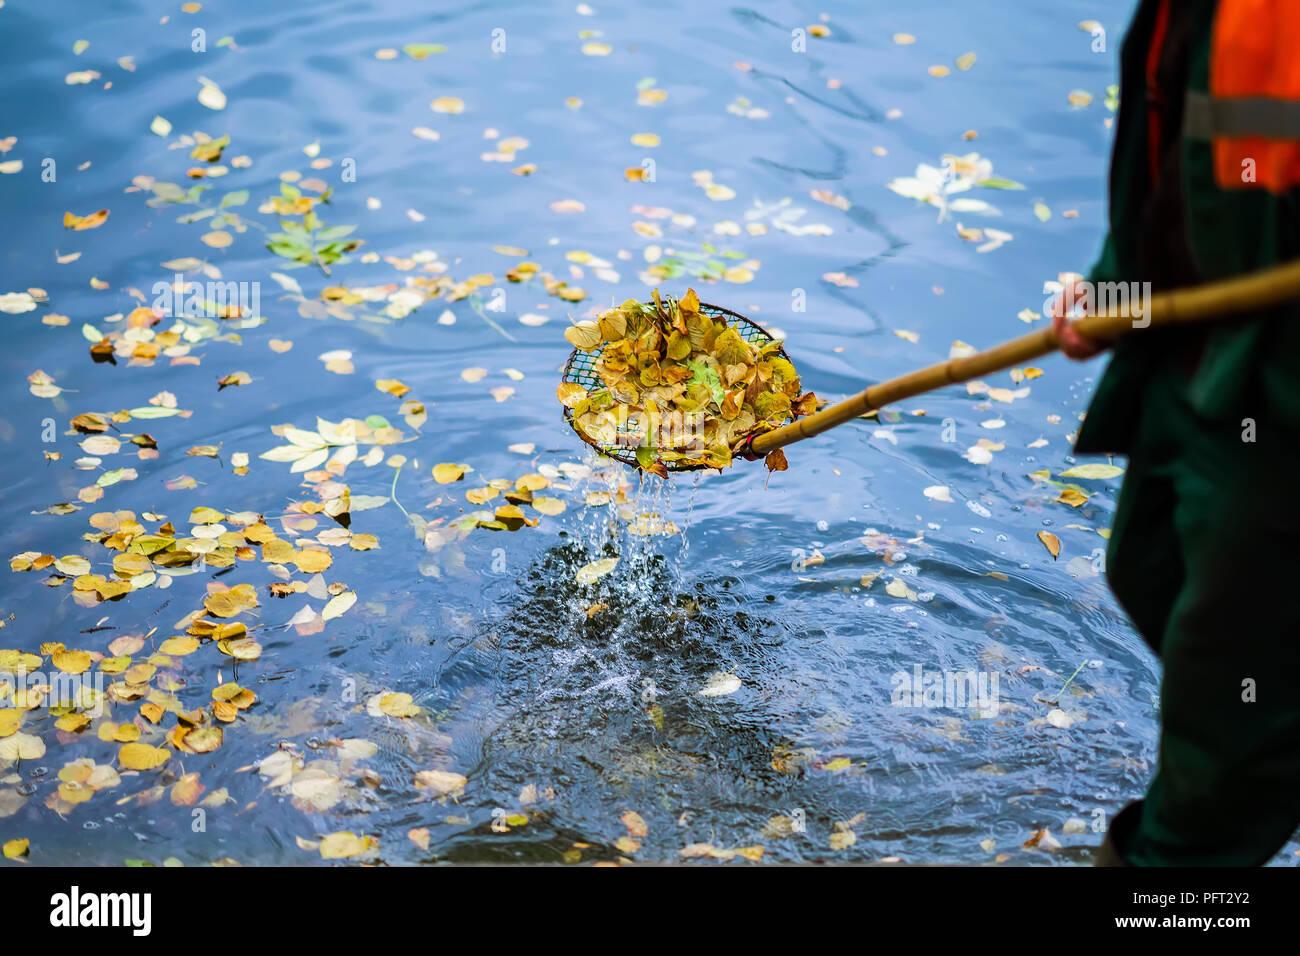 Pulizia piscina nel parco da caduta foglie con speciale maglia in autunno, opera in città all'aperto, , scena reale Immagini Stock